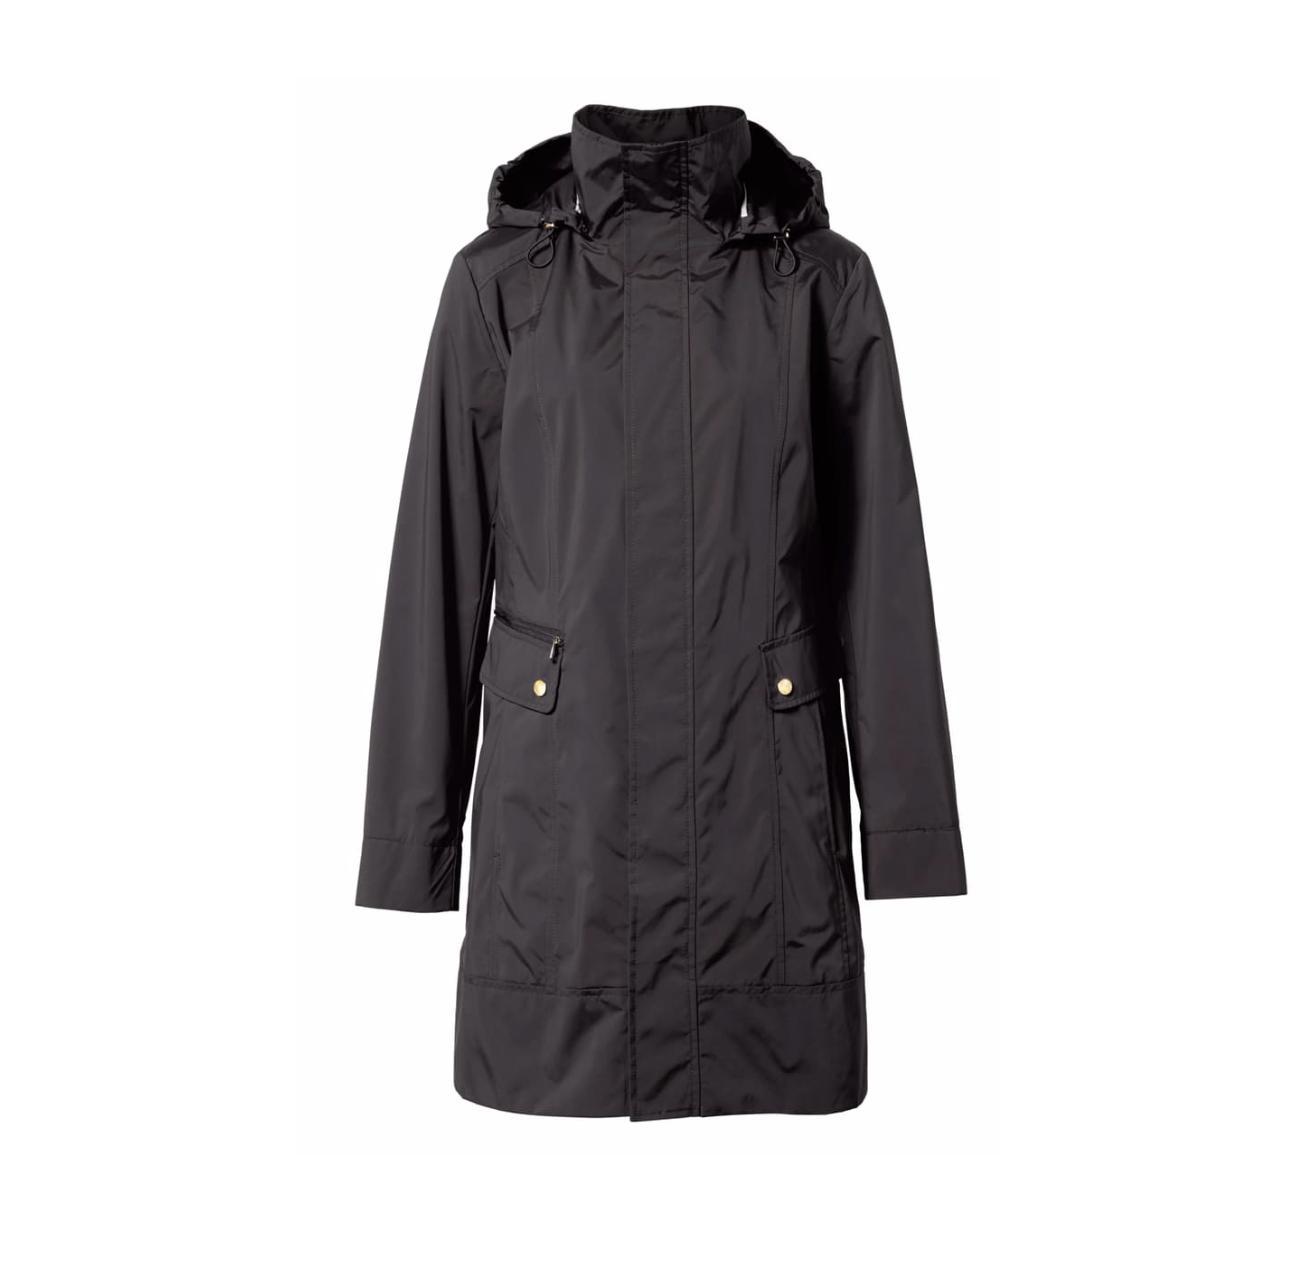 $200 Cole Haan Women's Packable Hooded Raincoat